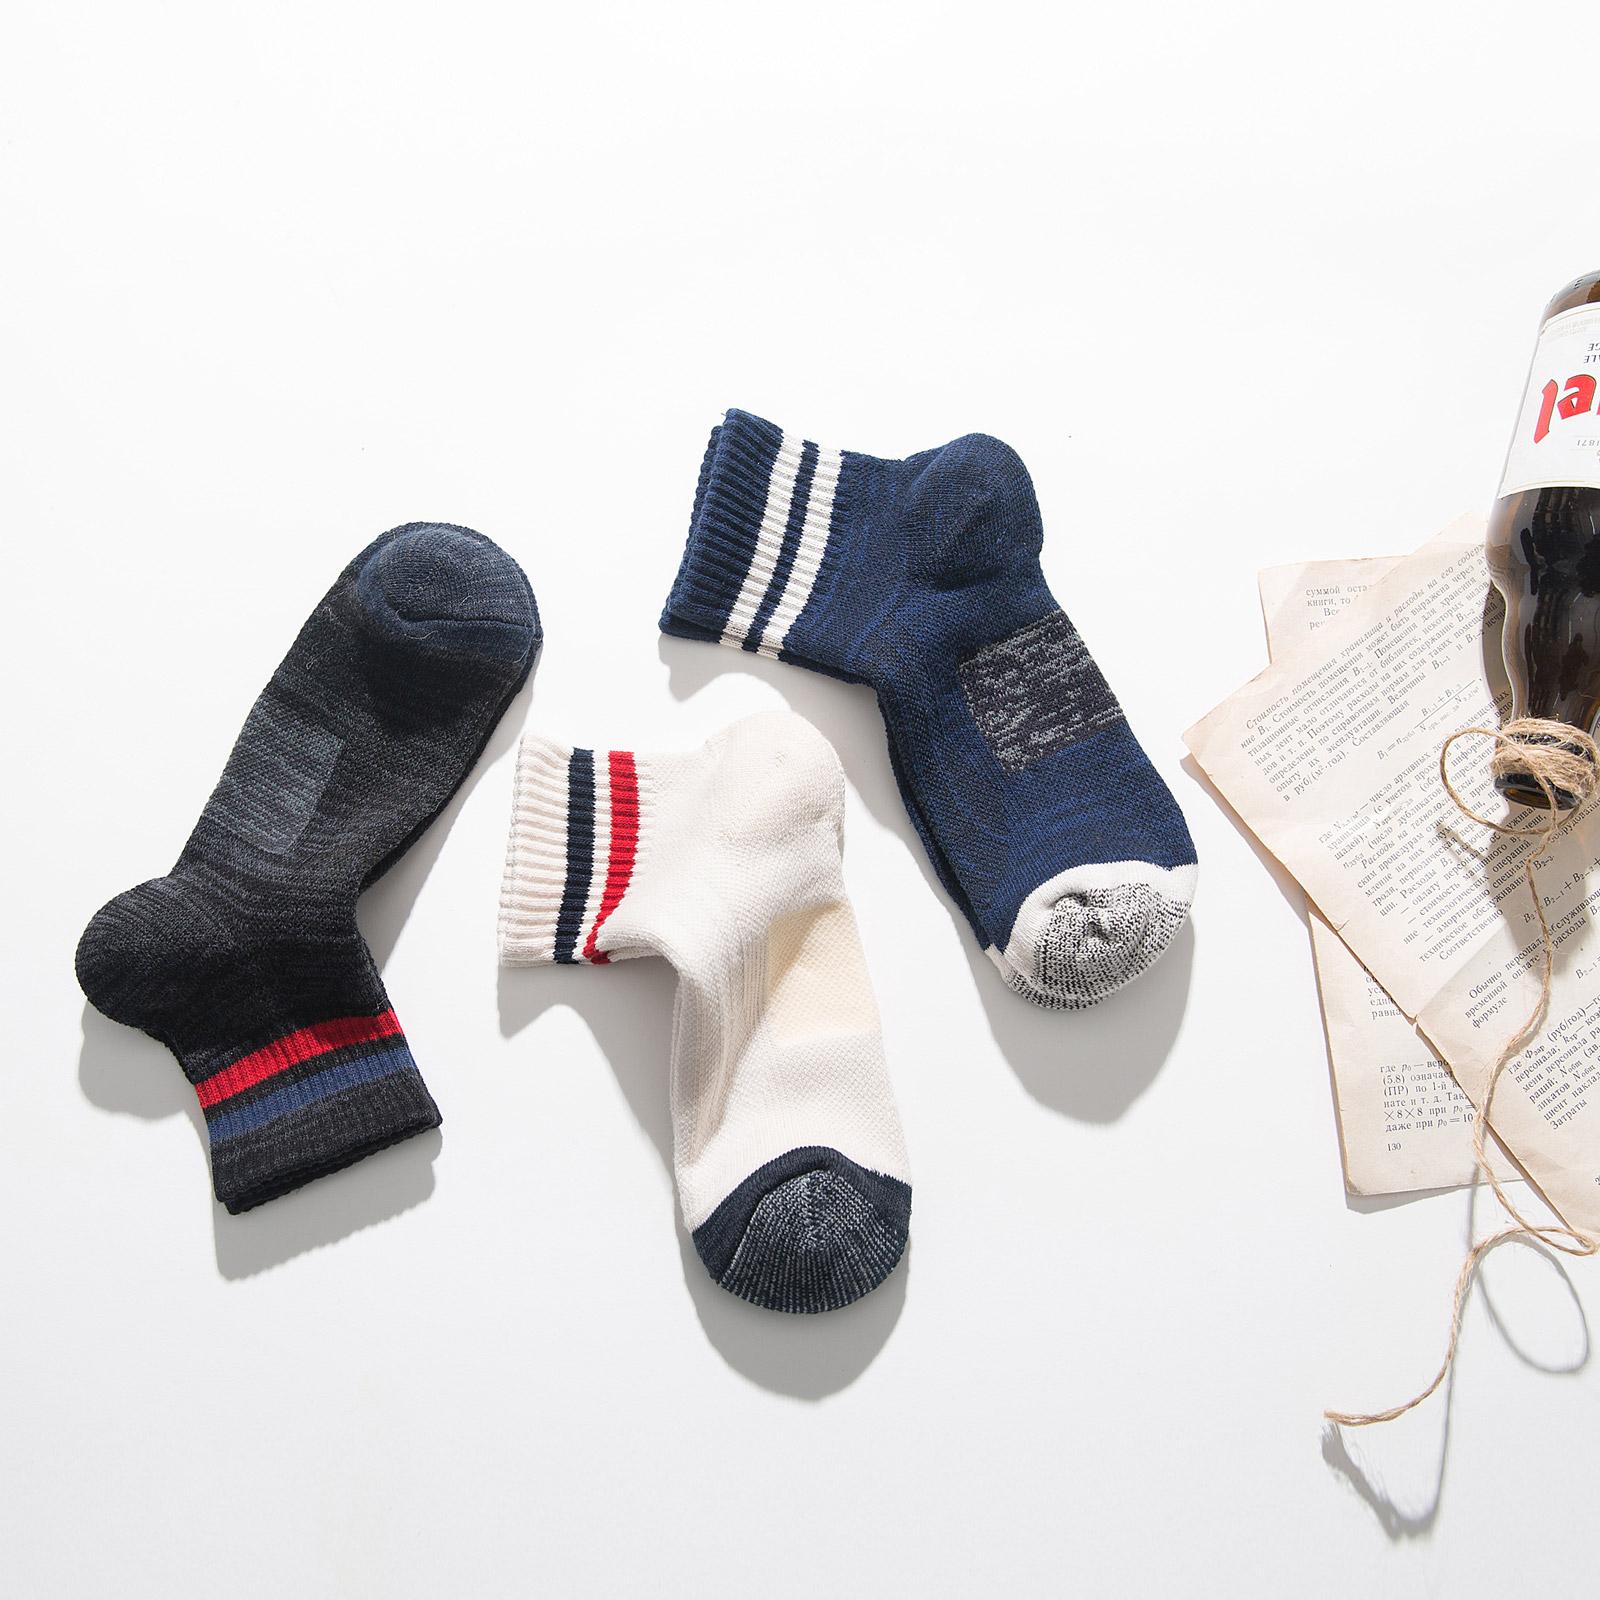 袜子男士冬季纯棉加厚中长筒毛巾袜潮加厚保暖条纹运动加绒毛圈袜